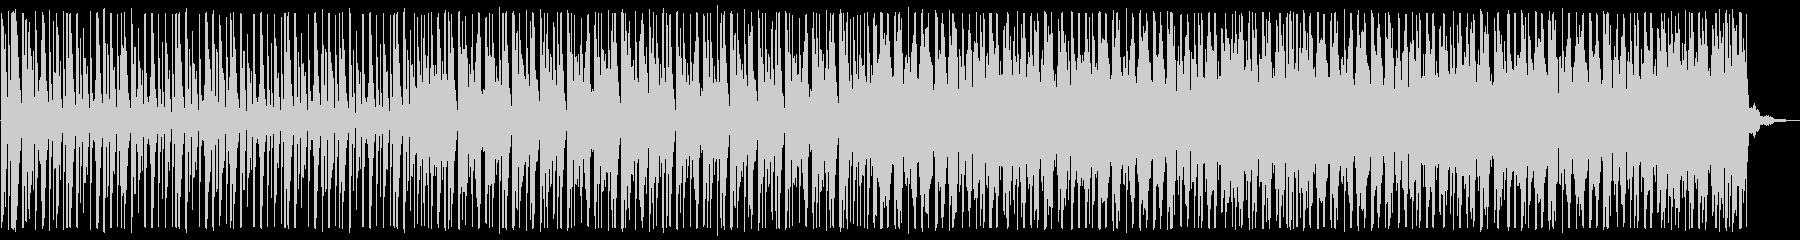 シンプル/ハウス_No671_3の未再生の波形